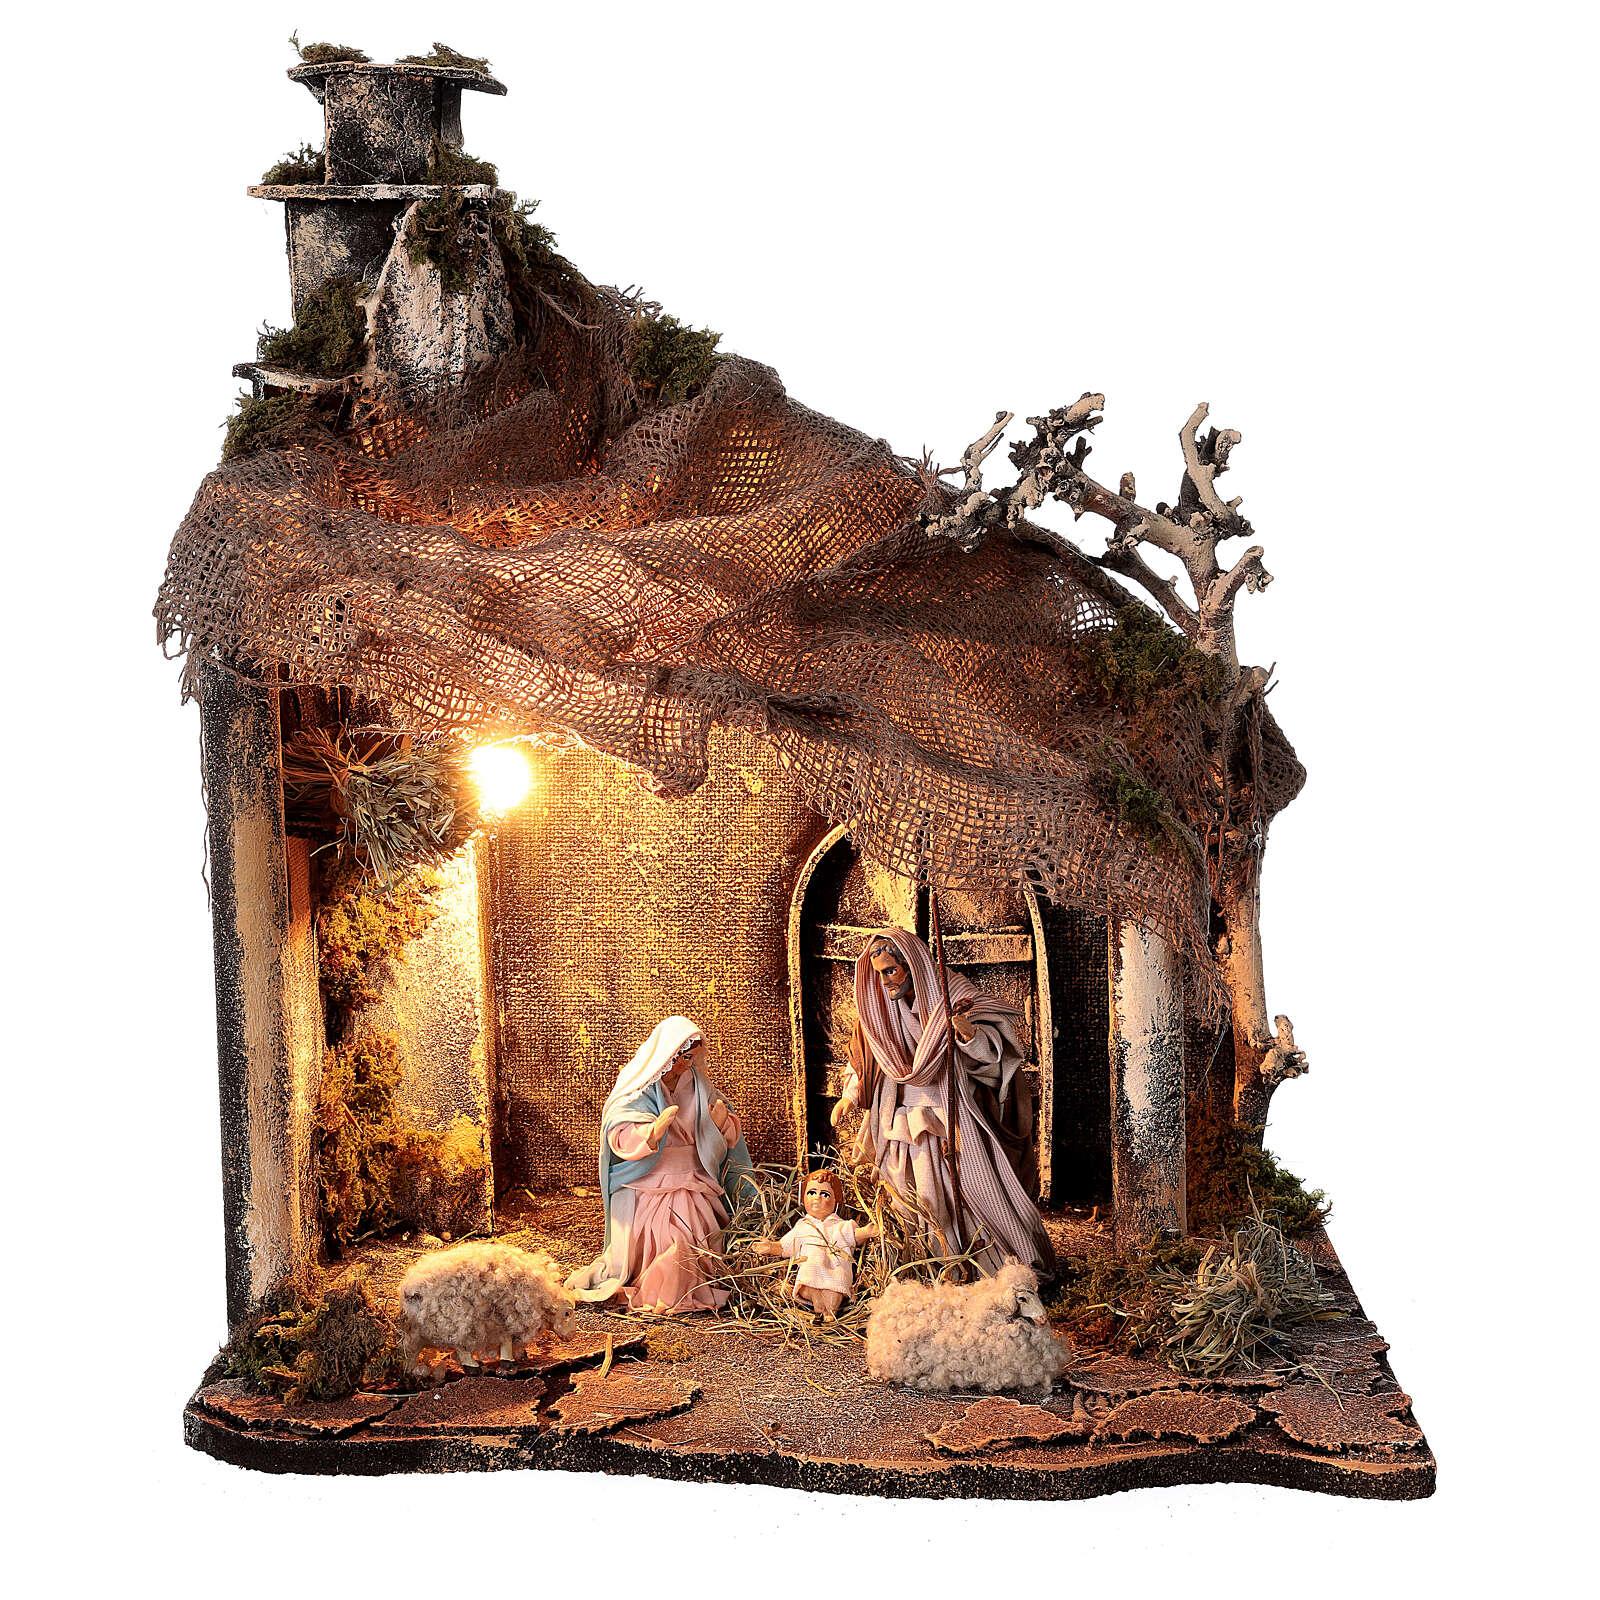 Cabane Nativité portail toit jute santons 12 cm crèche napolitaine 30x35x45 cm 4